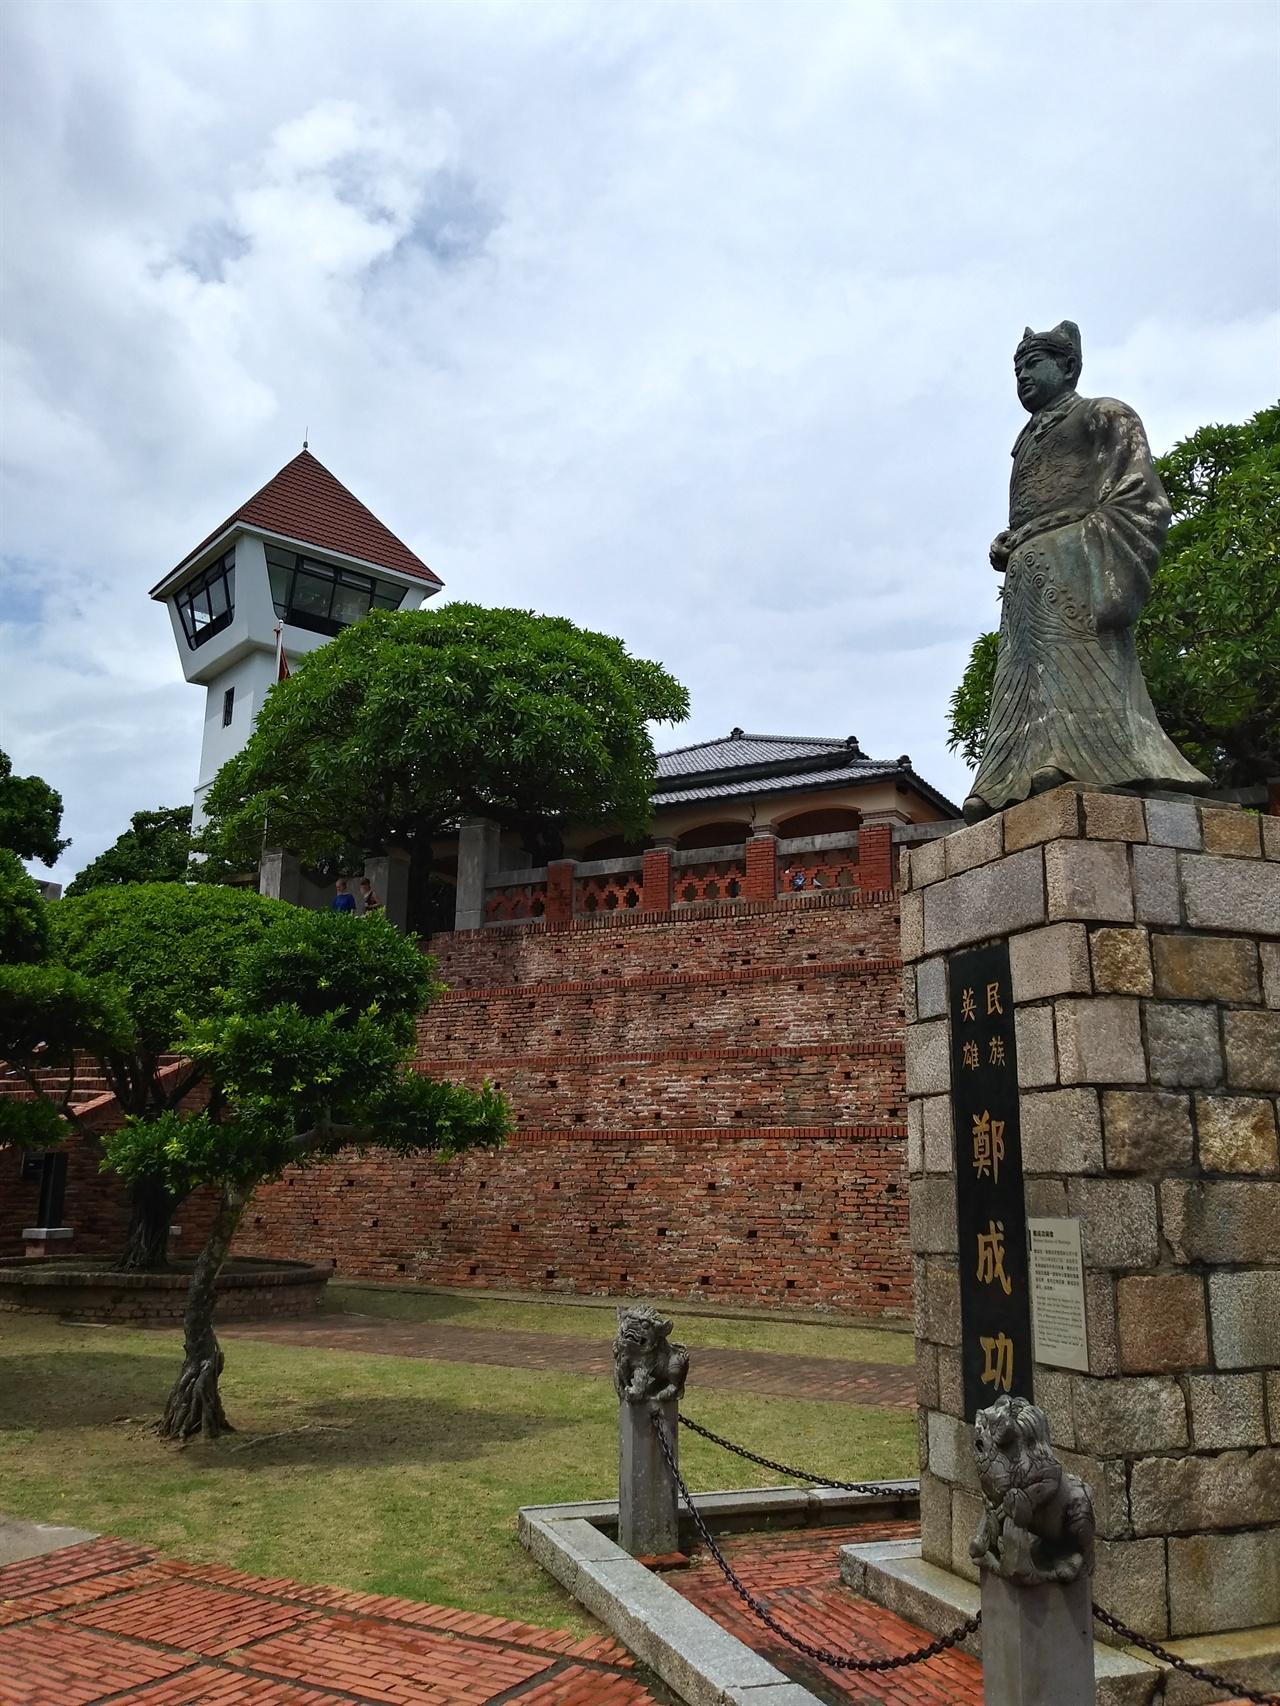 질란디아 요새의 정성공 동상 타이완에서 네덜란드를 축출한 정성공의 공을 기려 그의 동상을 세워놓았는데, 기단에 새겨진 '민족 영웅'이라는 글귀가 낯설다.